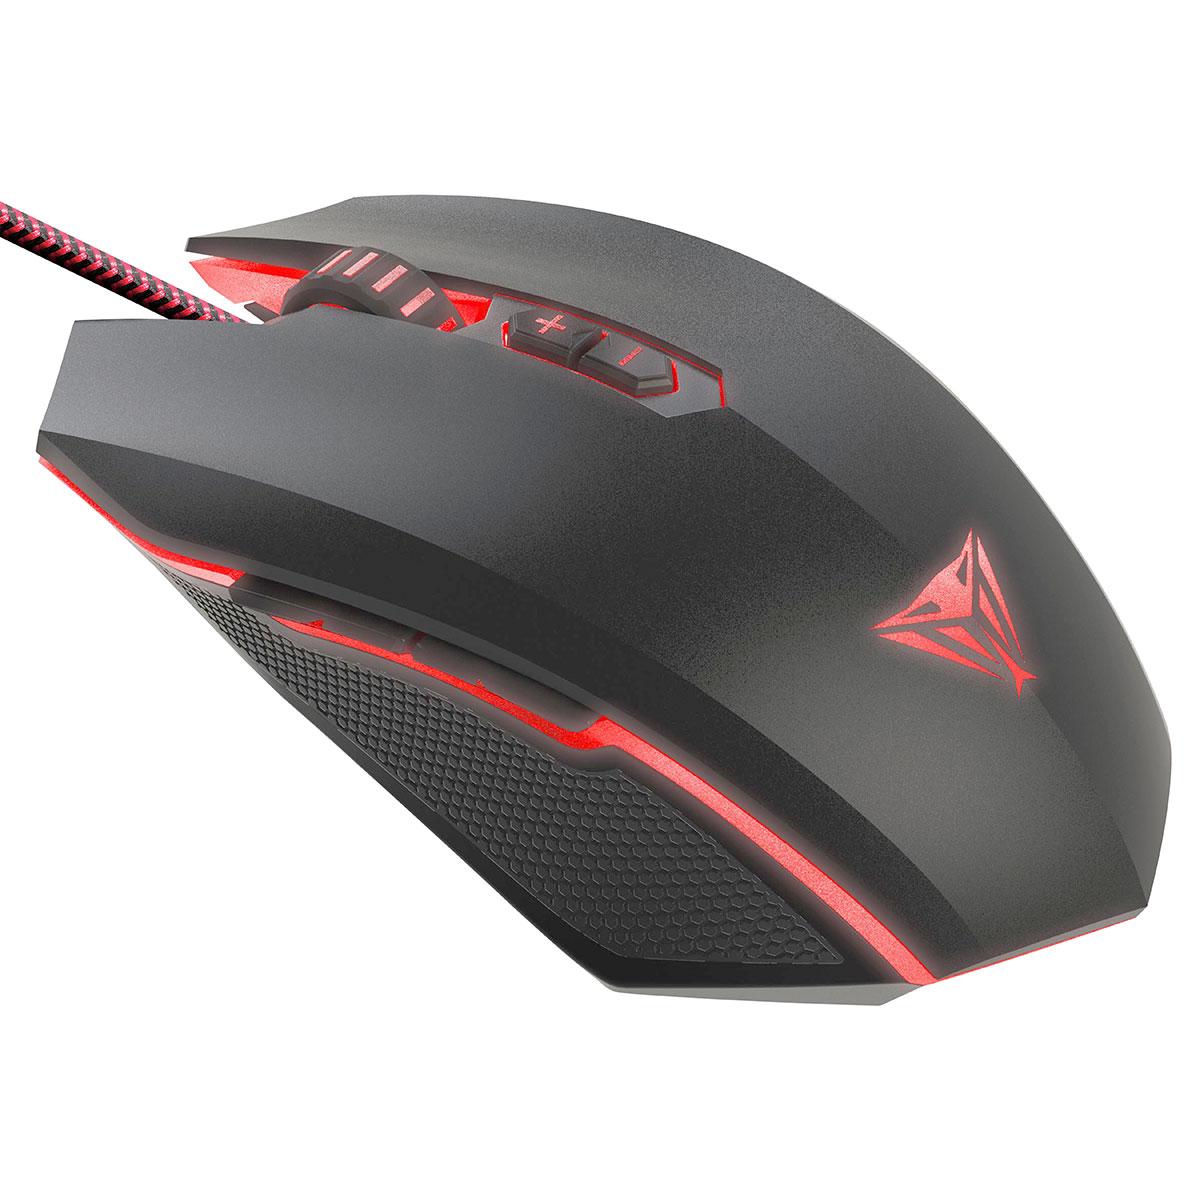 Mouse Gamer Patriot Viper V530, RGB, 4000 DPI, Teclas de Macro